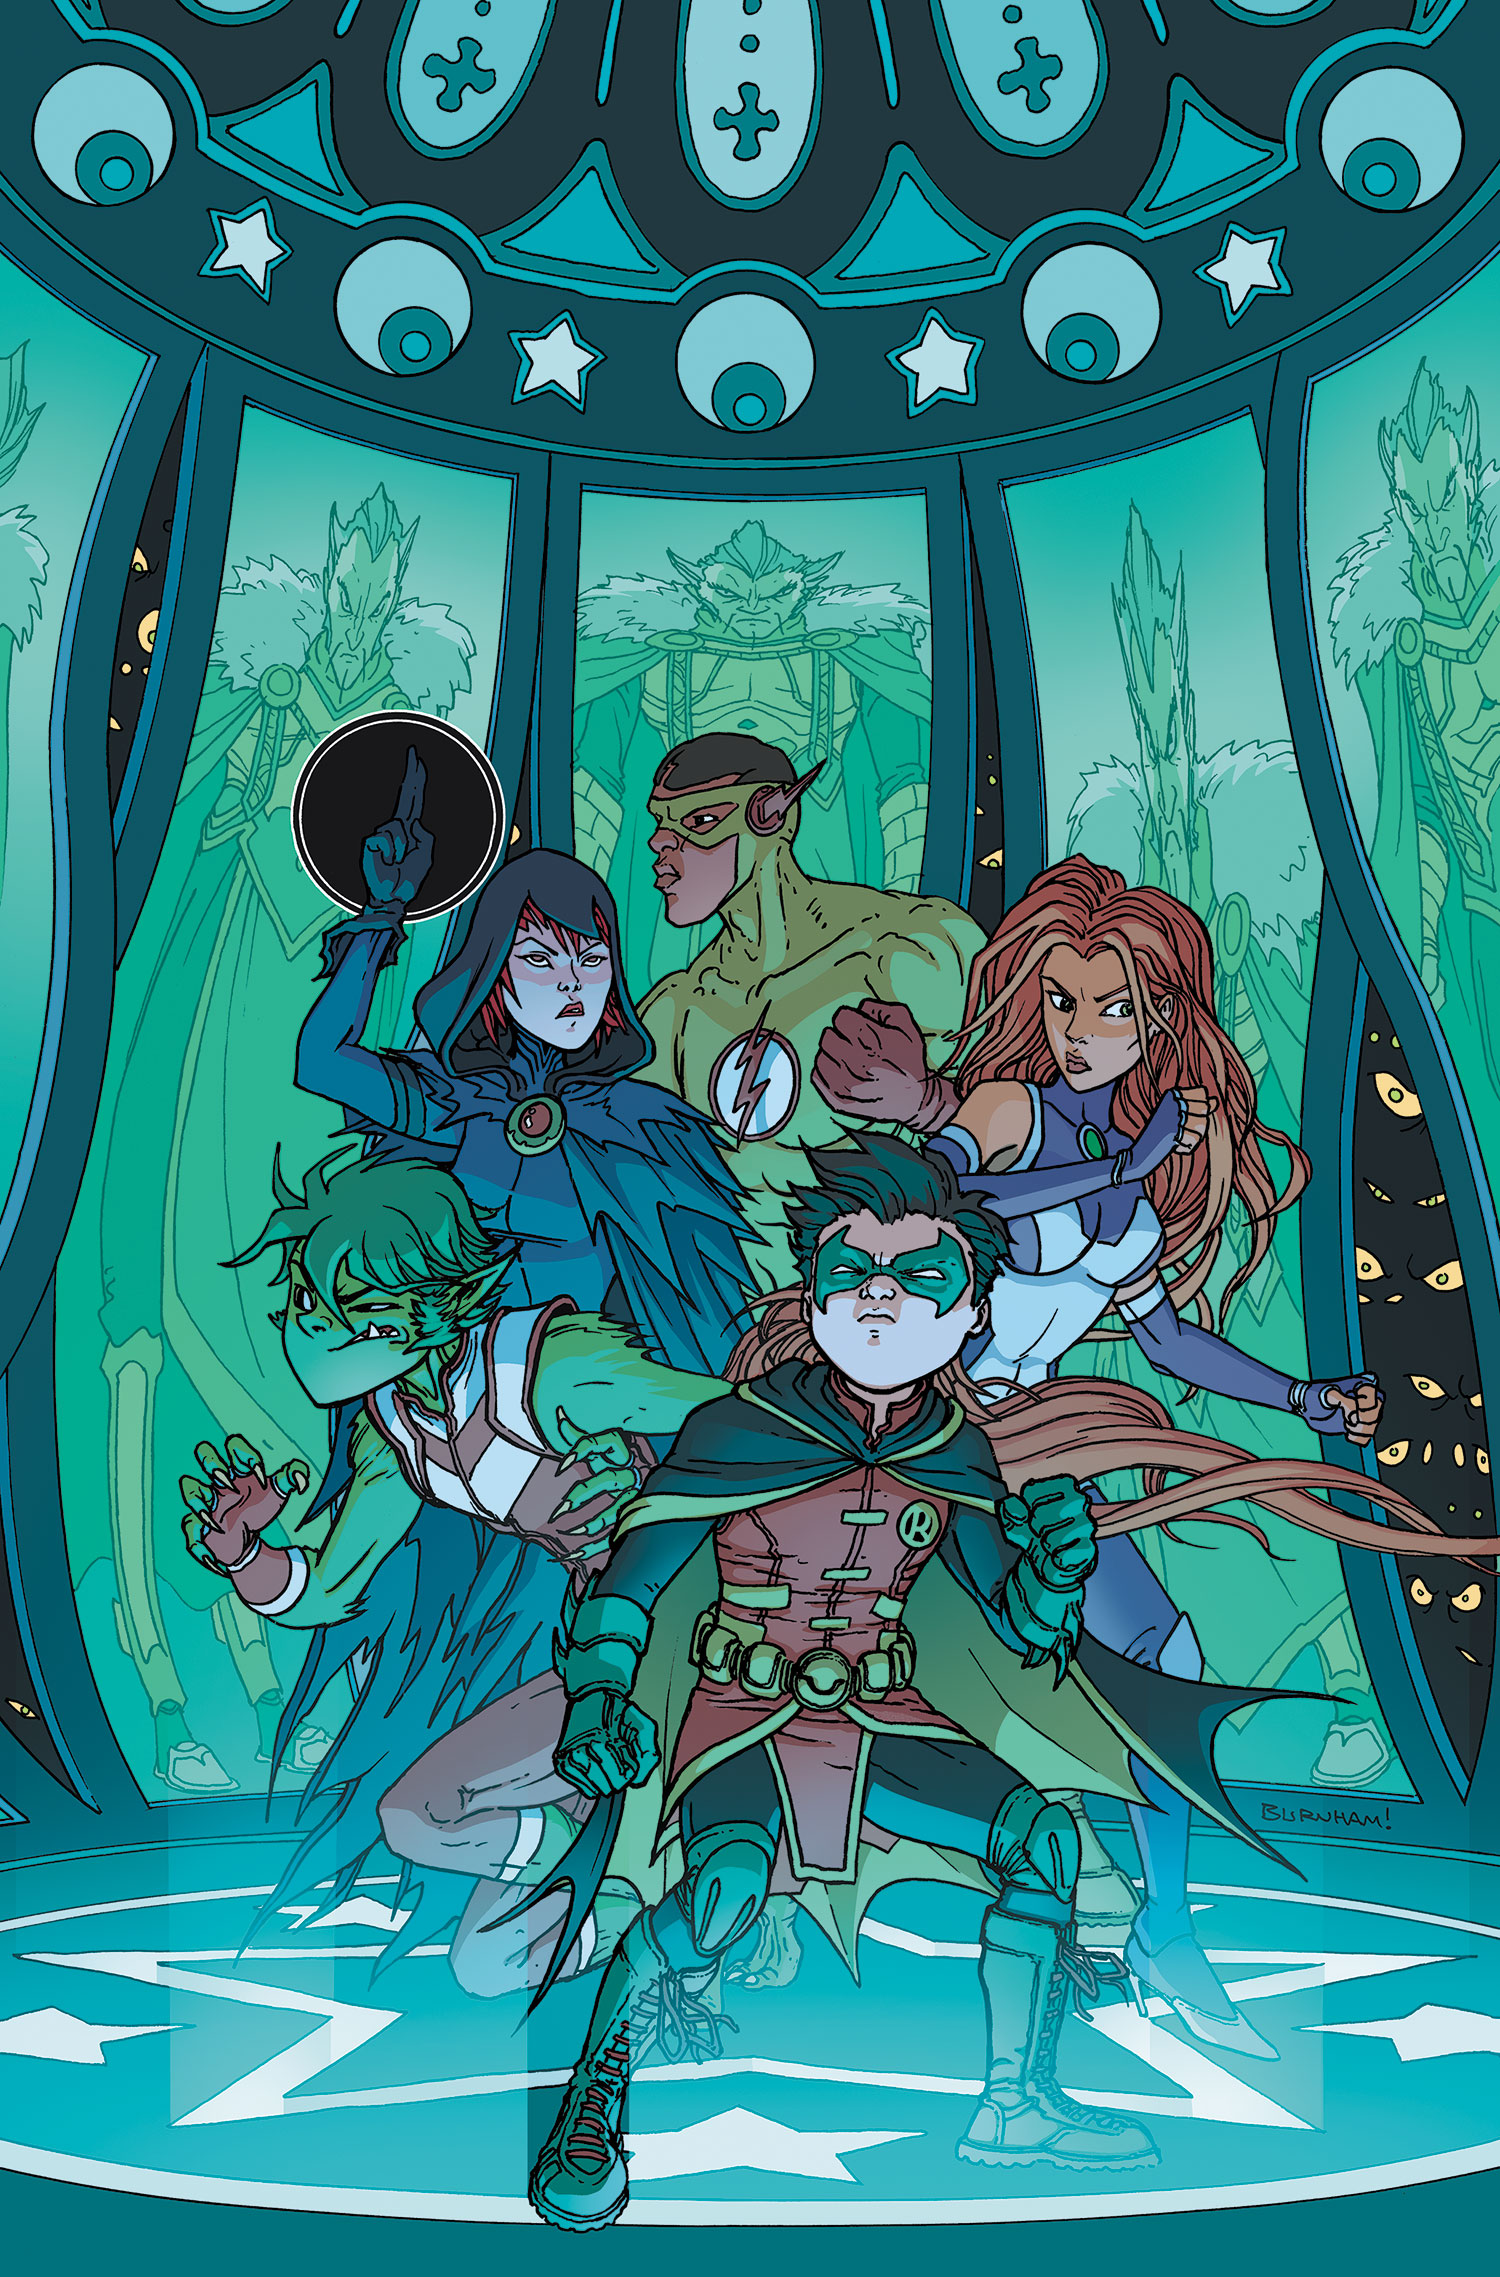 Teen Titans Vol 6 3 Solicit.jpg